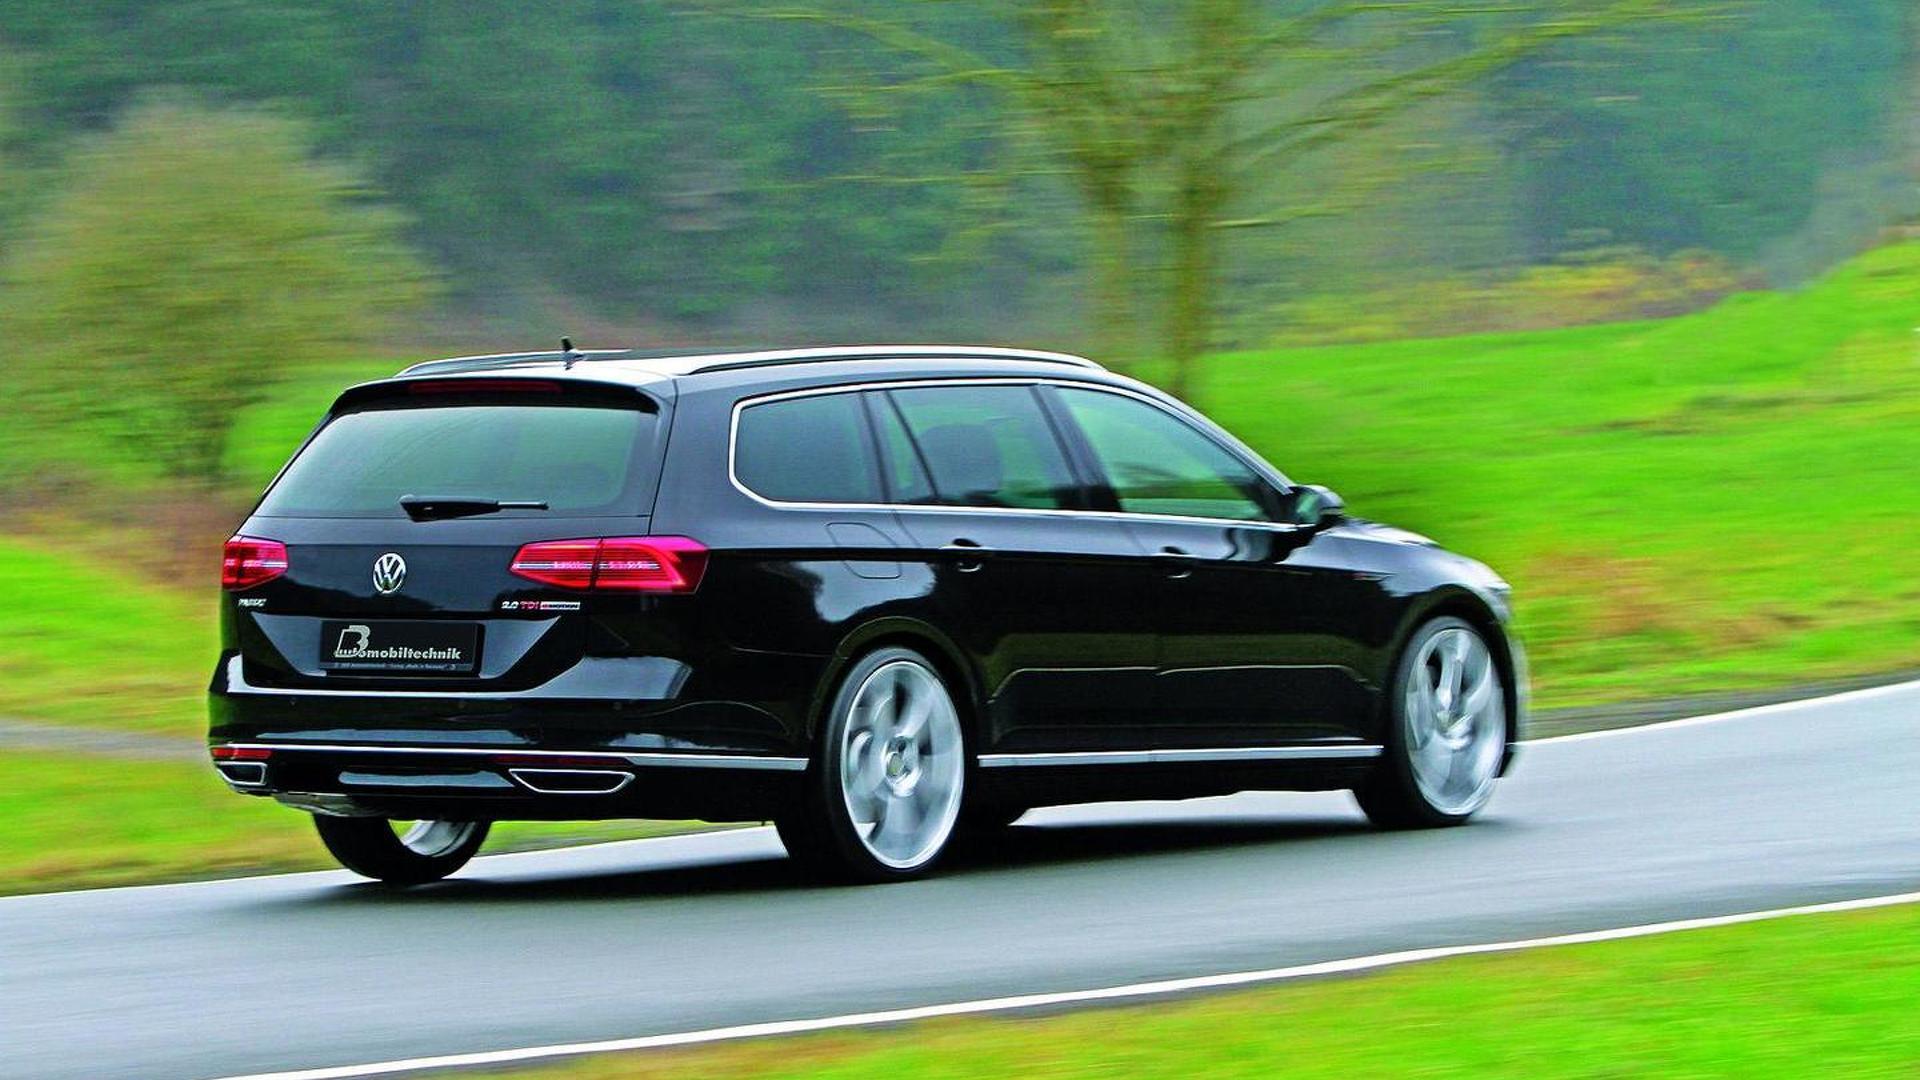 2015 Volkswagen Passat 2 0 Bitdi Tuned To 300 Hp And 630 Nm By B B